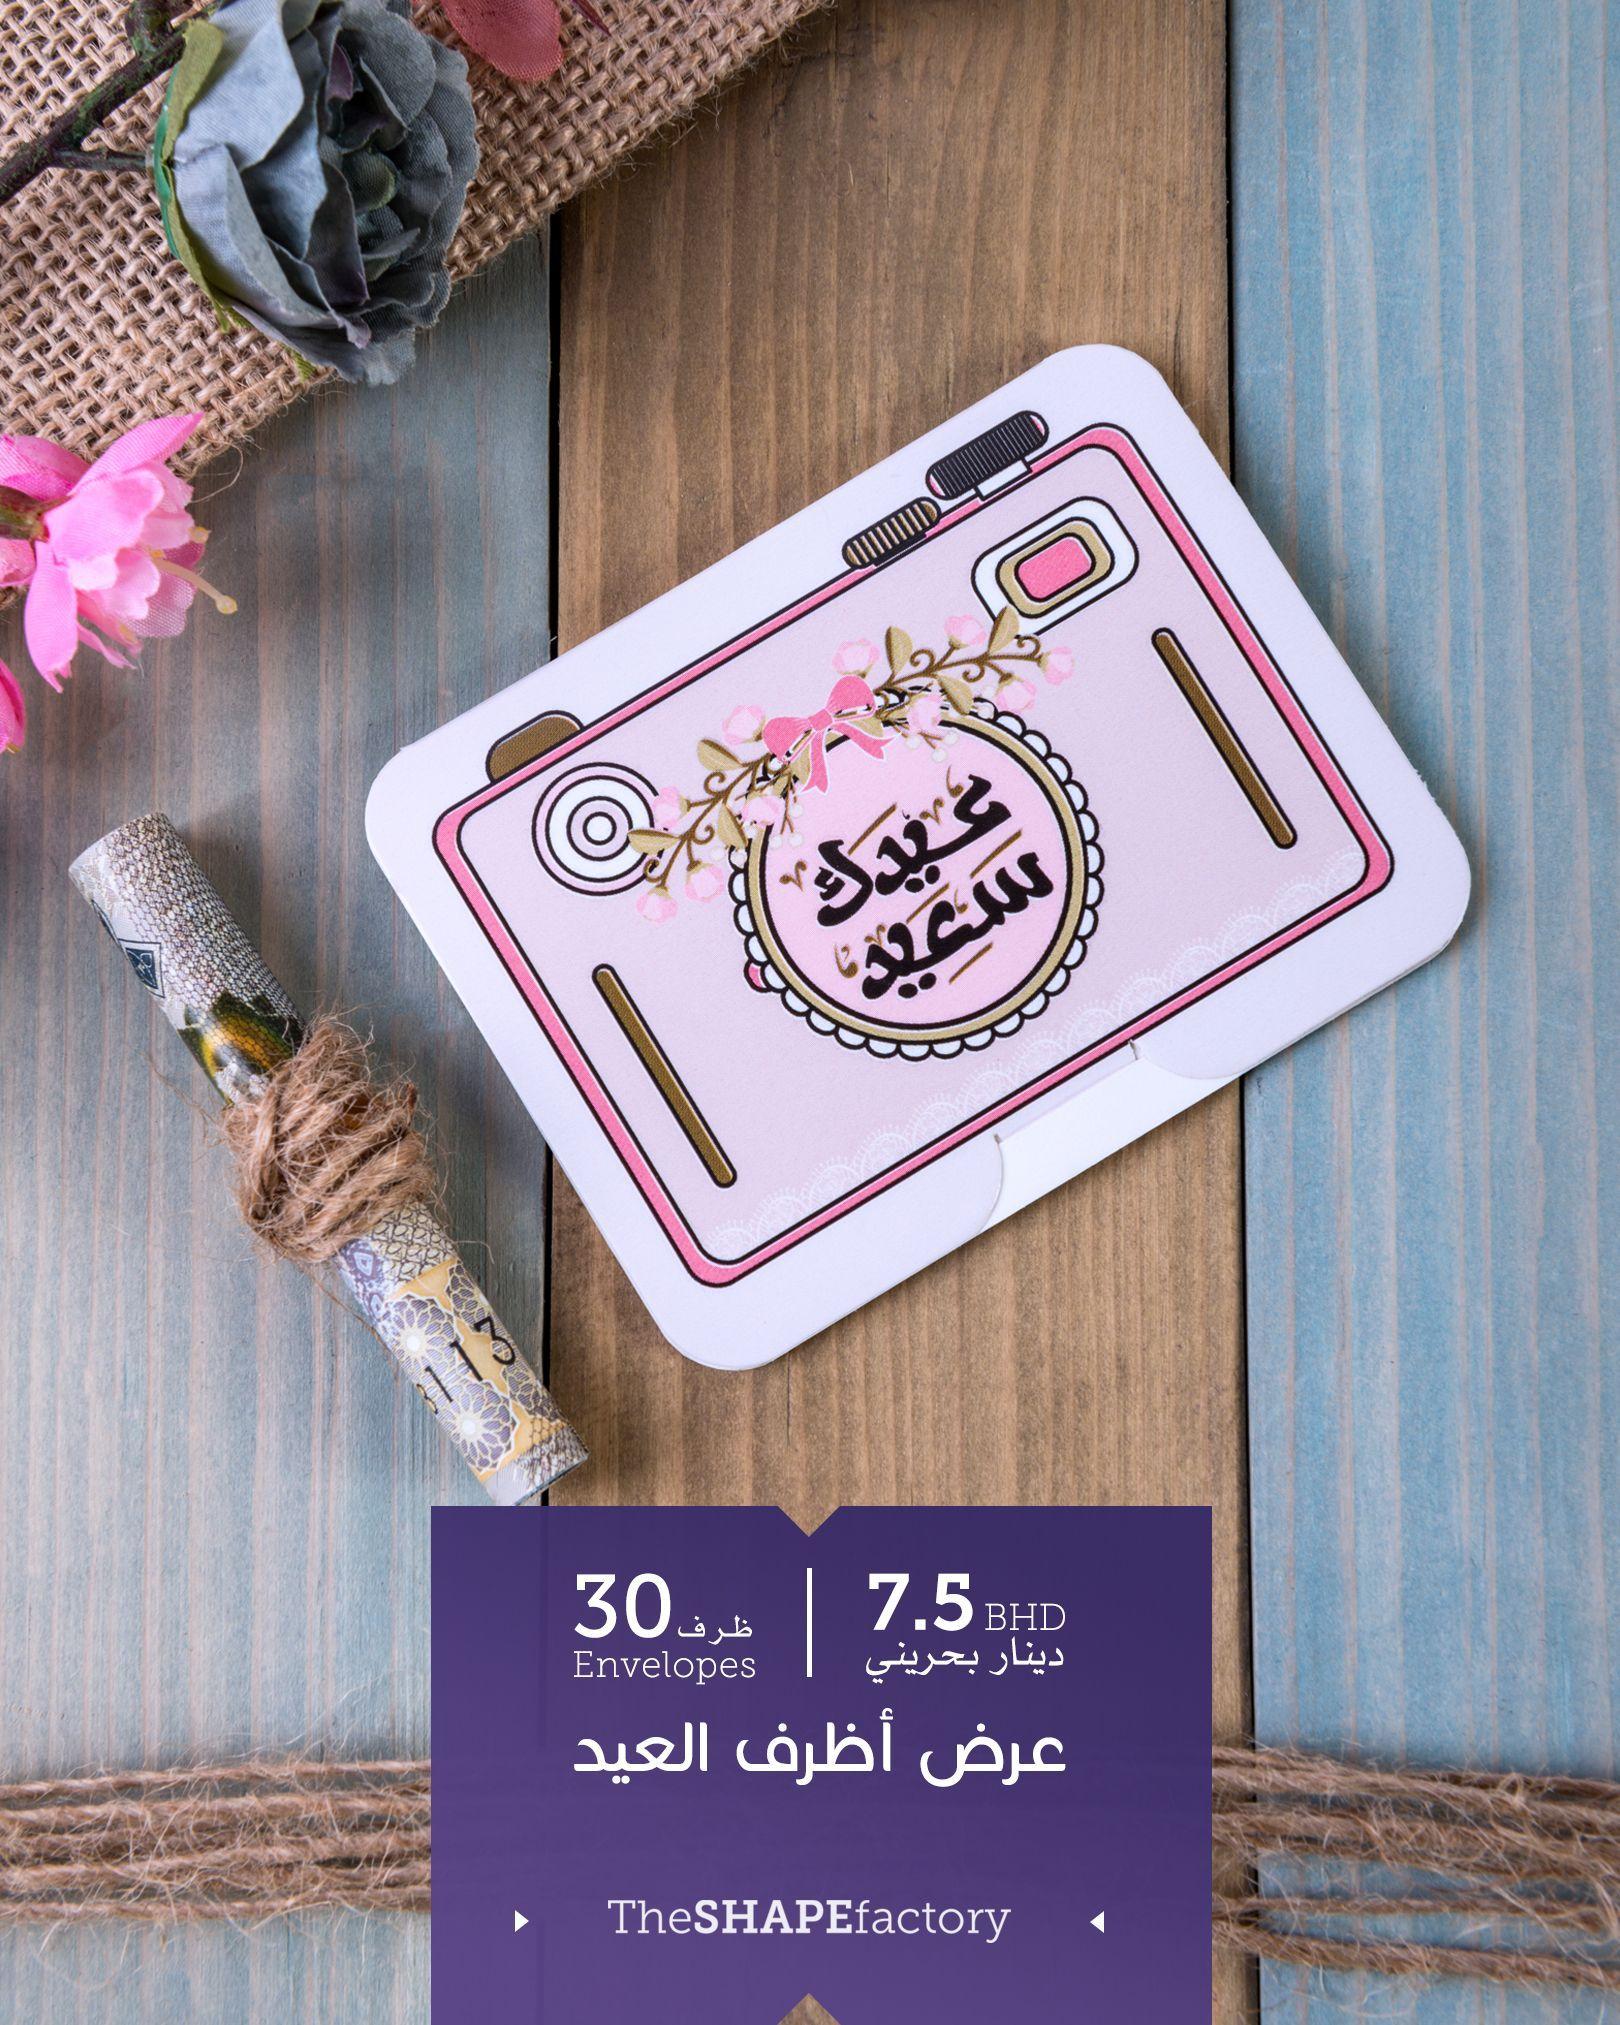 يلاااا كلكم جييييز راوونه ضحكتكم للذكرى الحلوة كاميرا العيد بتصوركم Shape Code Nv0010 القياسات الطول Eid Envelope